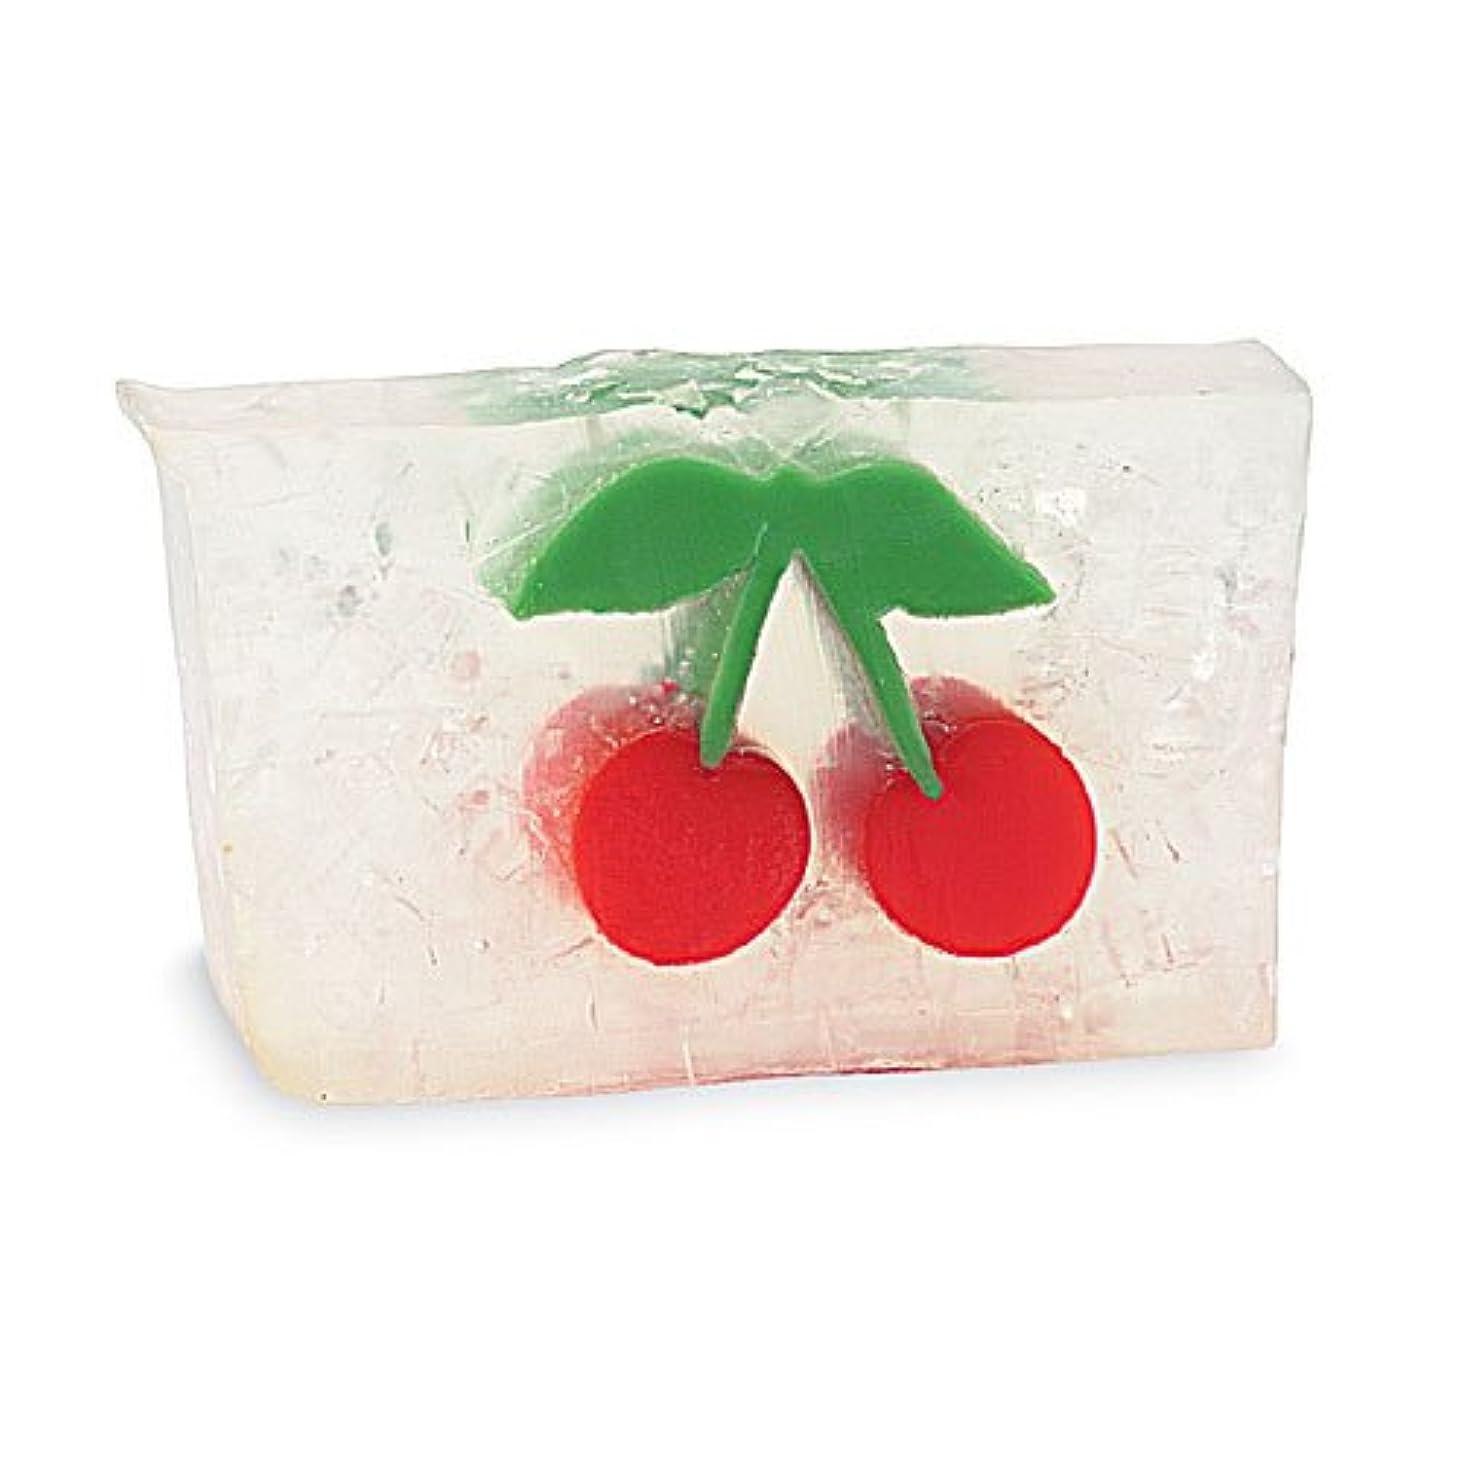 バラ色見積り積極的にプライモールエレメンツ アロマティック ソープ チェリー 180g 植物性 ナチュラル 石鹸 無添加